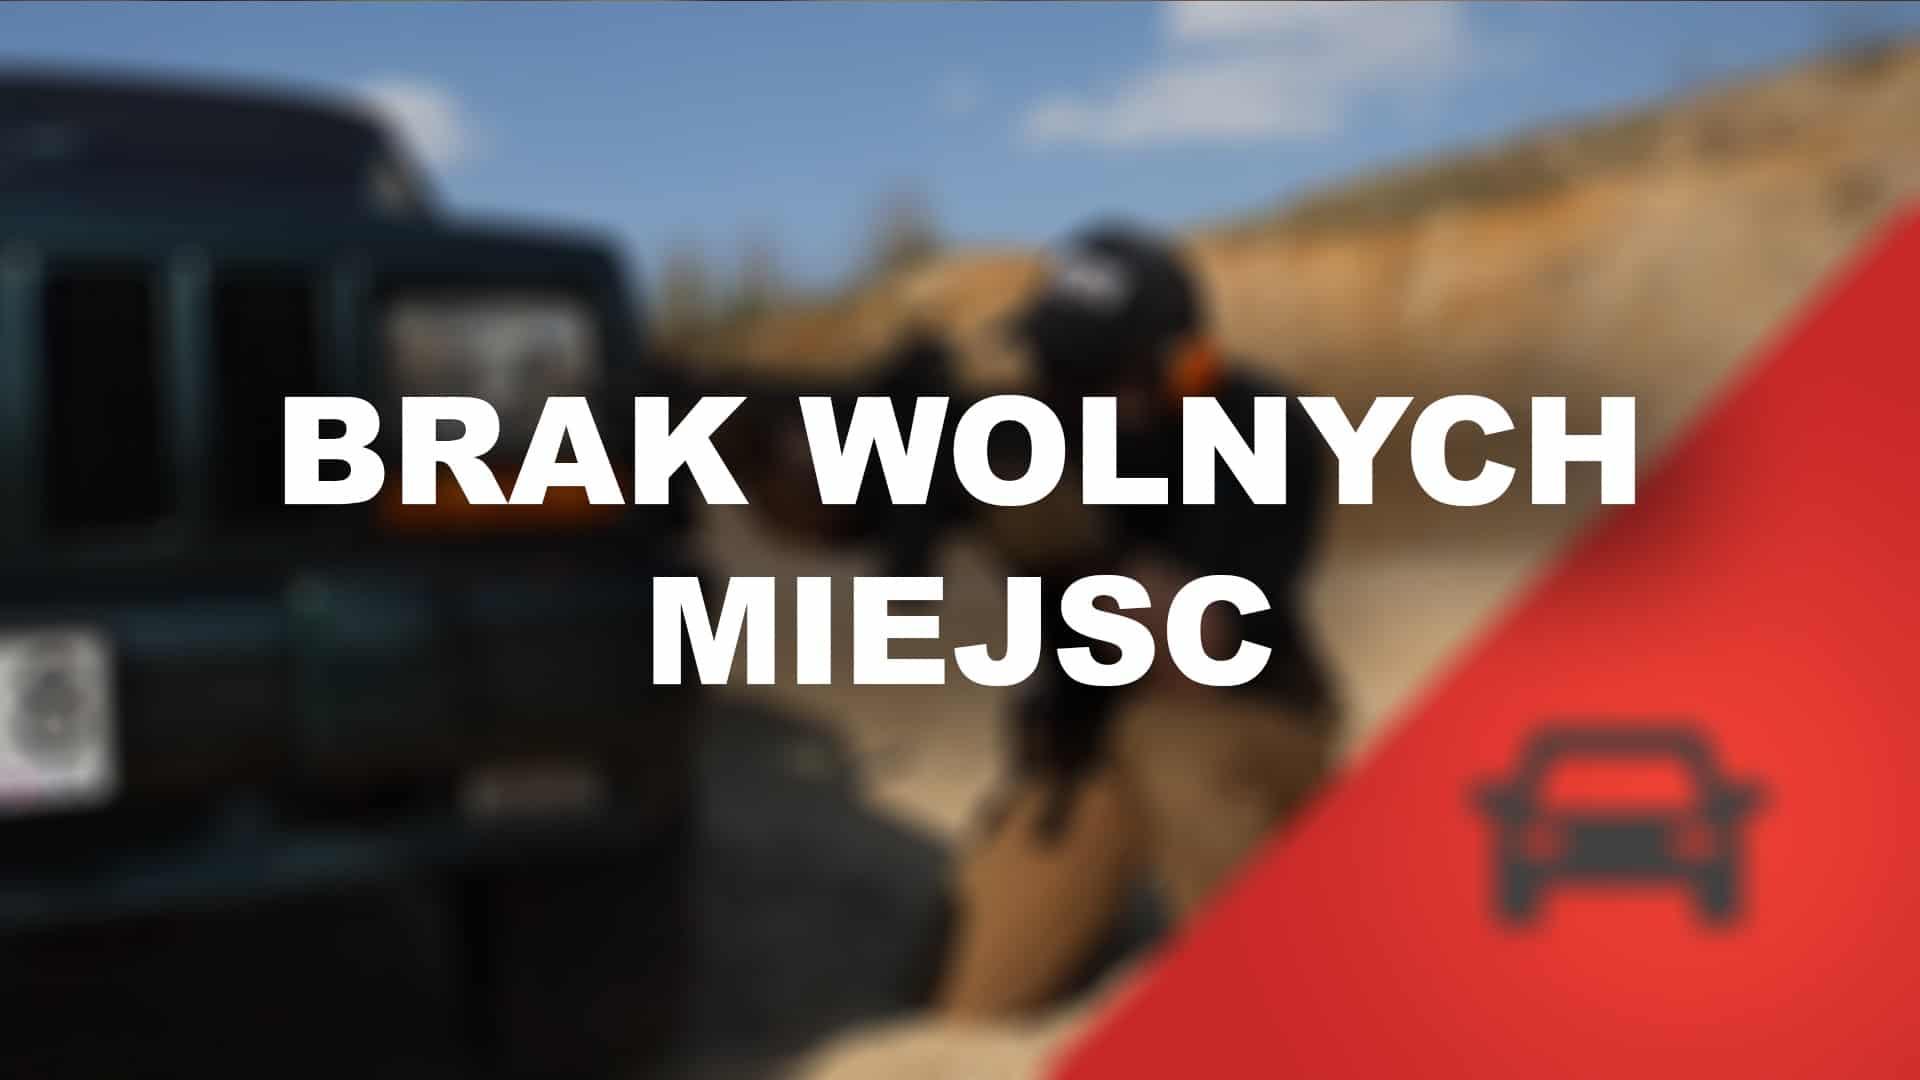 Instruktor demonstruje postawę strzelecką klęczącą, jest to fragment strzeleckiego szkolenai samochodowego Car And Around, inaczej VCQB.